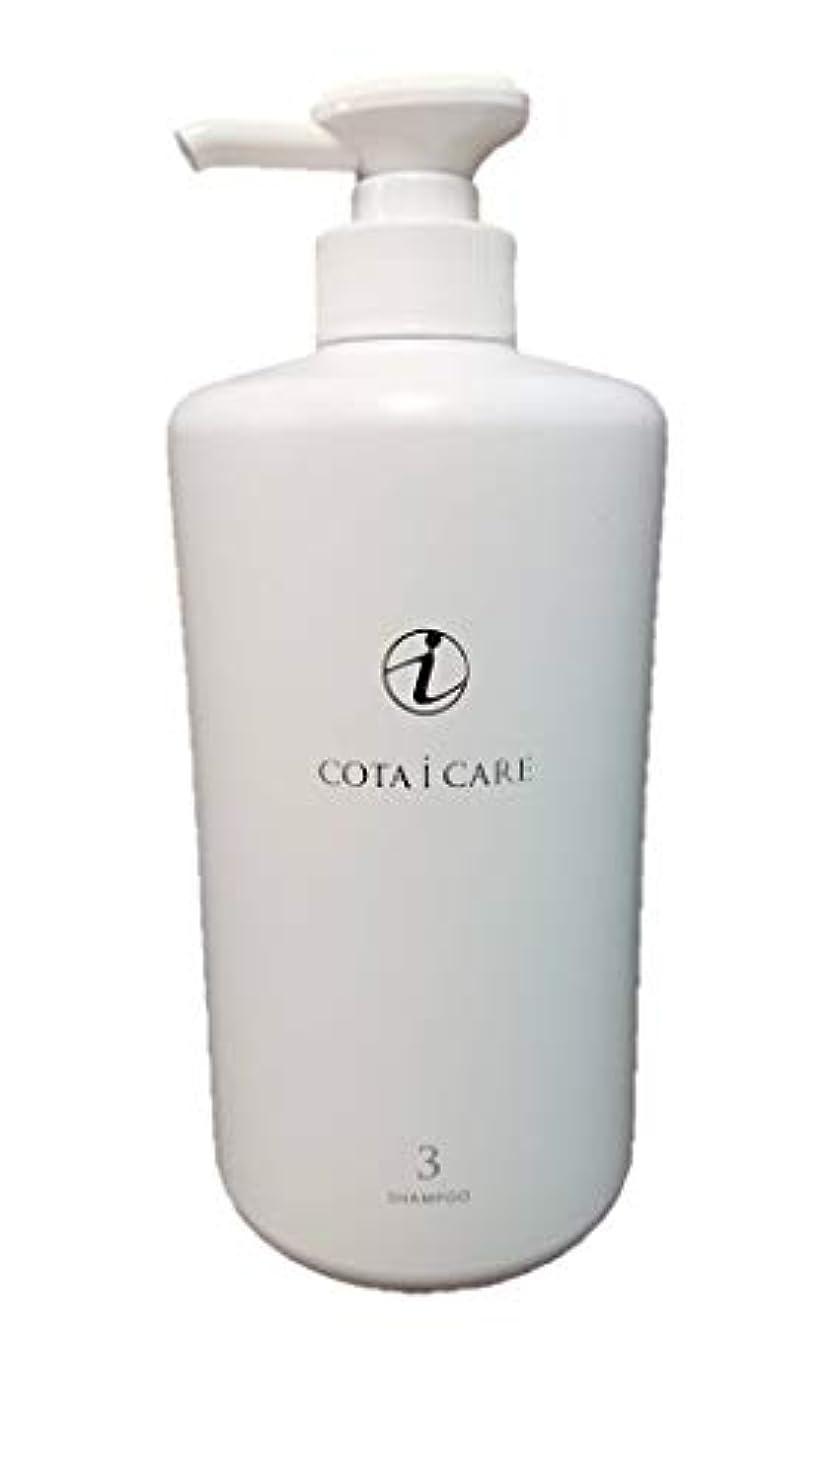 再生的辛い魅力的であることへのアピールCOTA i CARE コタ アイ ケア シャンプー 3 本体 800ml ネロリブーケの香り